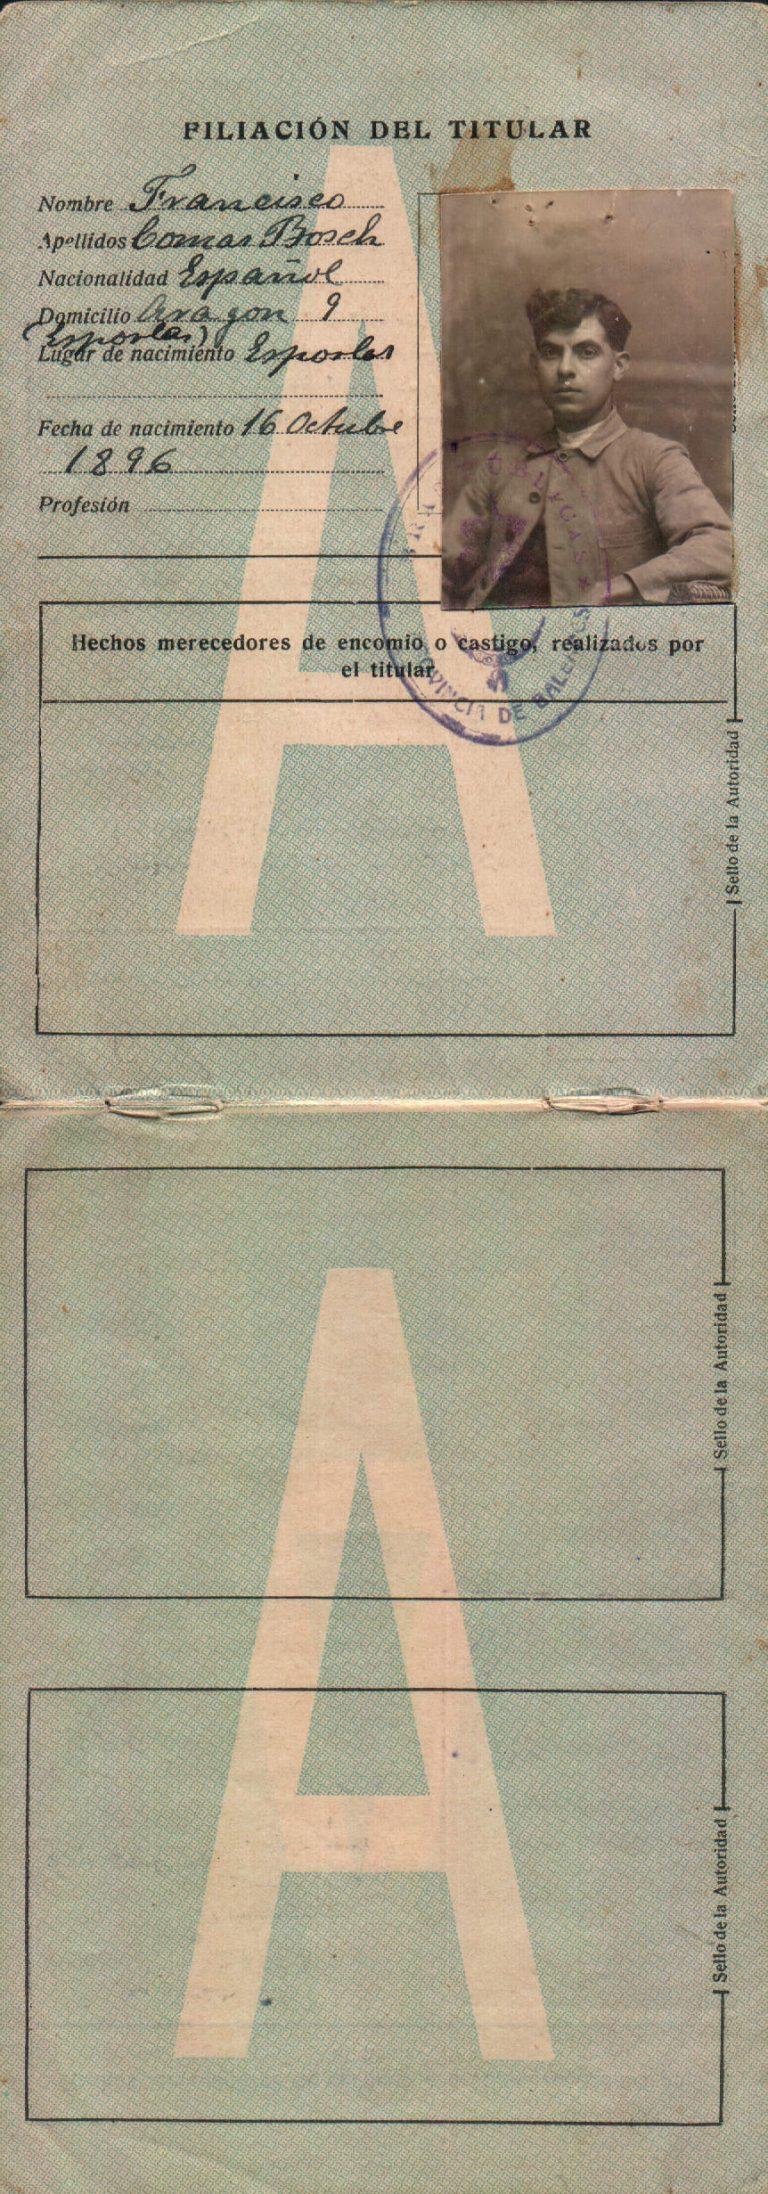 Carnet de conducir – 1927